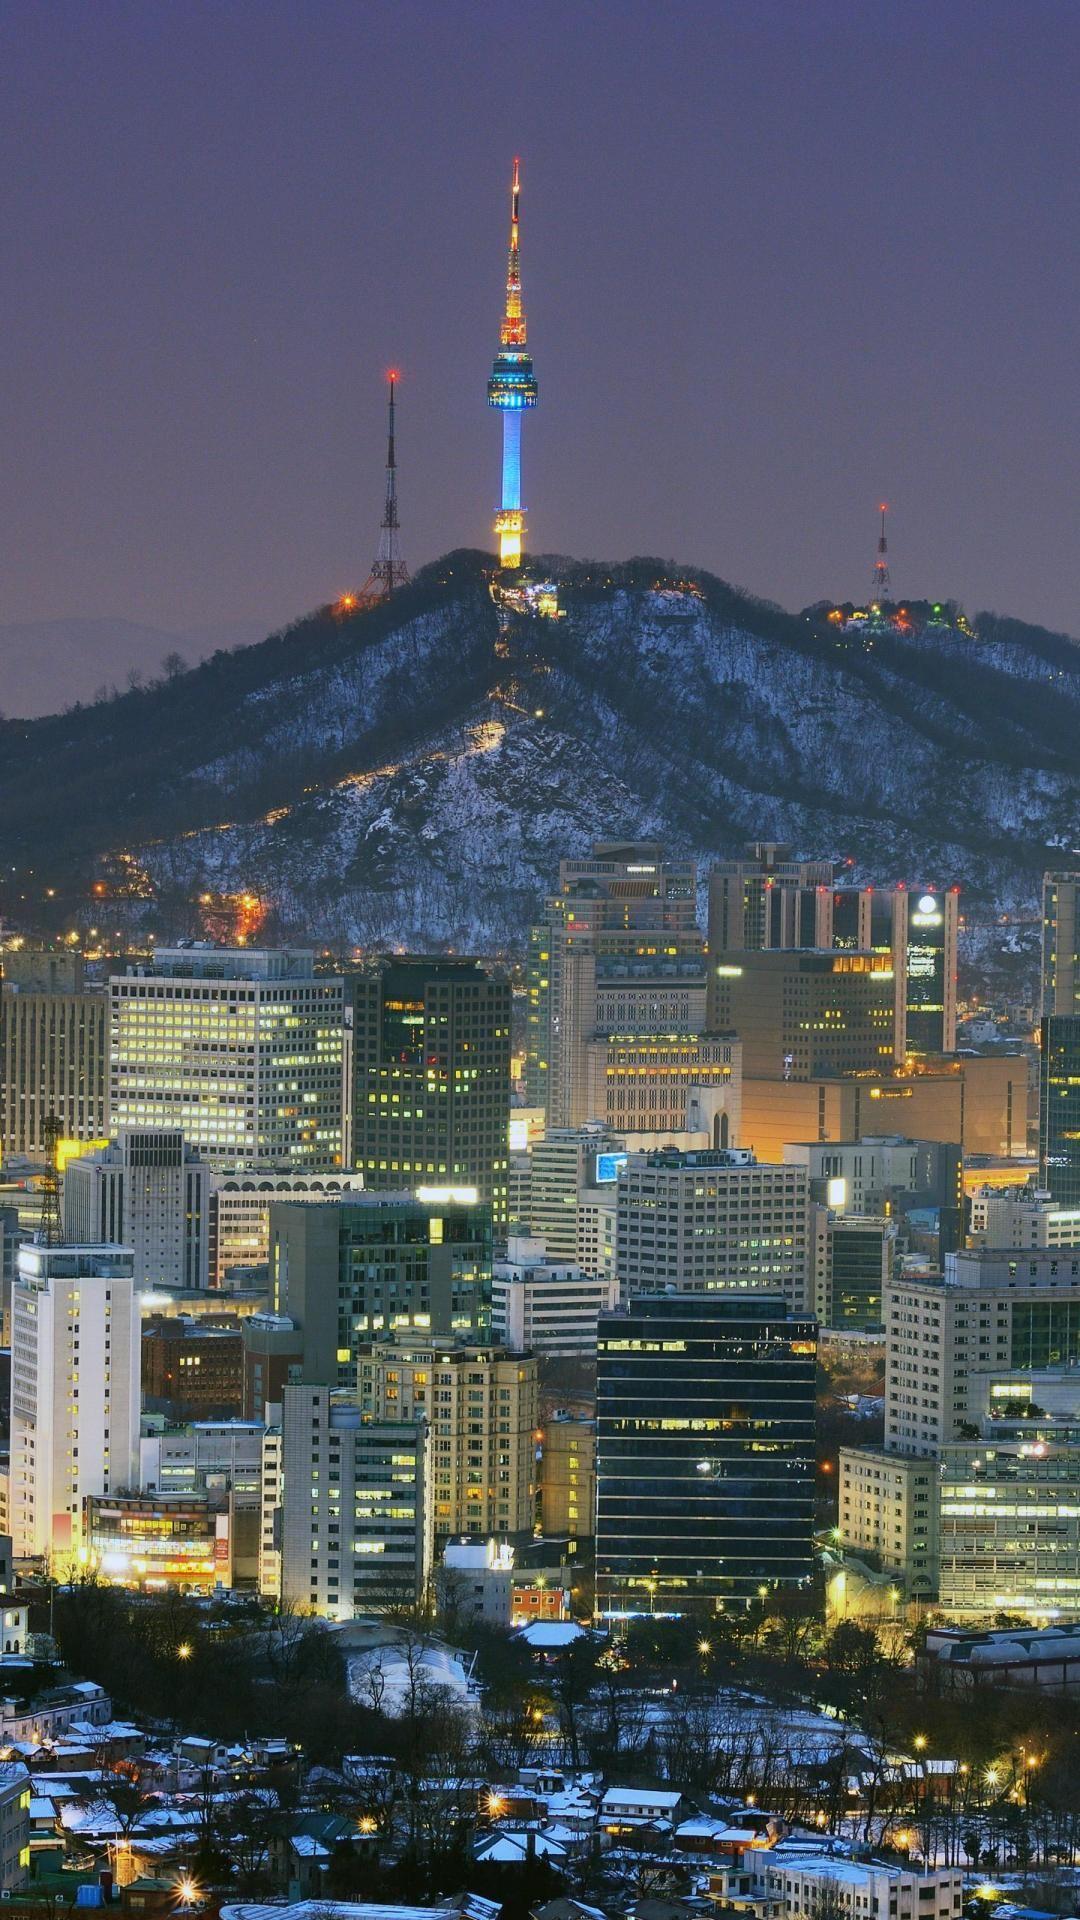 102 Gambar Wallpaper Iphone Korea Hd Untuk Android Wallpaper Hd Pemandangan Kota Fotografi Pemandangan Pemandangan